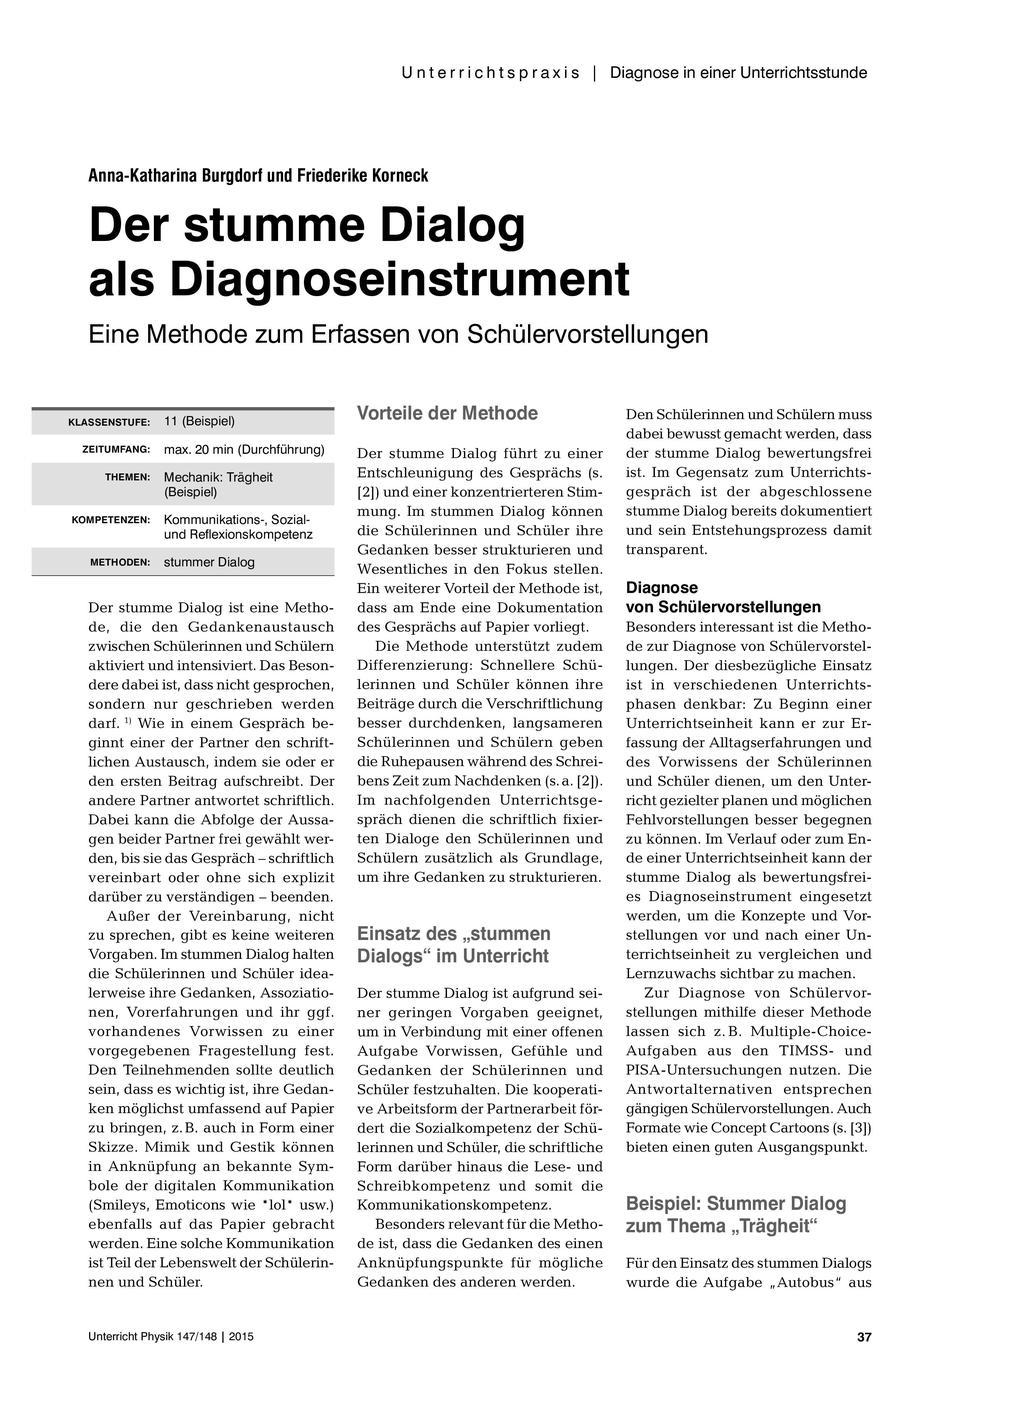 Der stumme Dialog als Diagnoseinstrument - Eine Methode zum Erfassen von Schülervorstellungen Preview 1